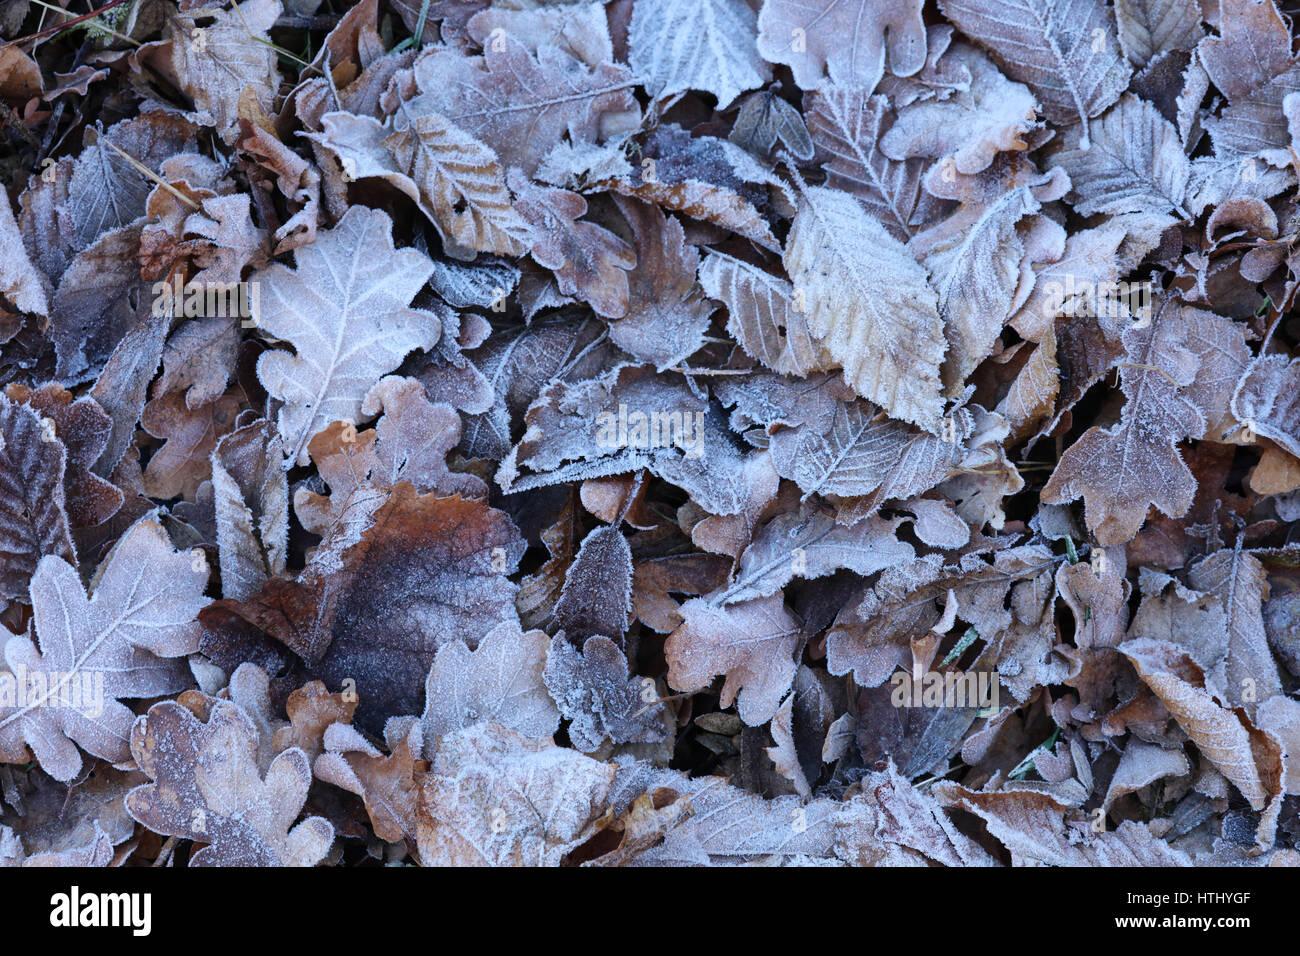 Blätter Laub mit Eis bedeckt - Stock Image